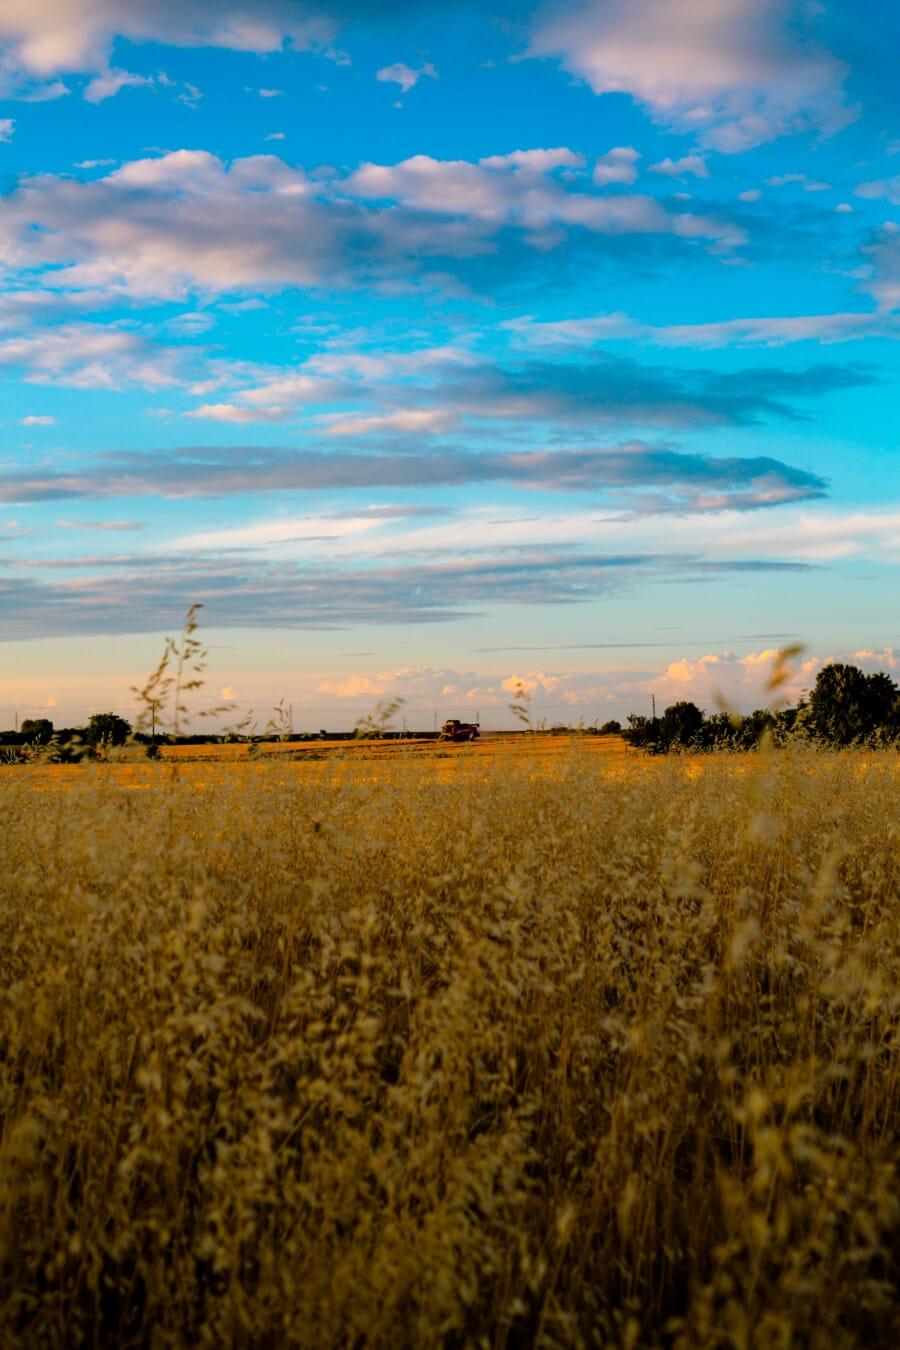 Feld, landwirtschaftlich, Weizen, Weizenfeld, Tageslicht, sonnig, Tag, Sommer, des ländlichen Raums, Getreide